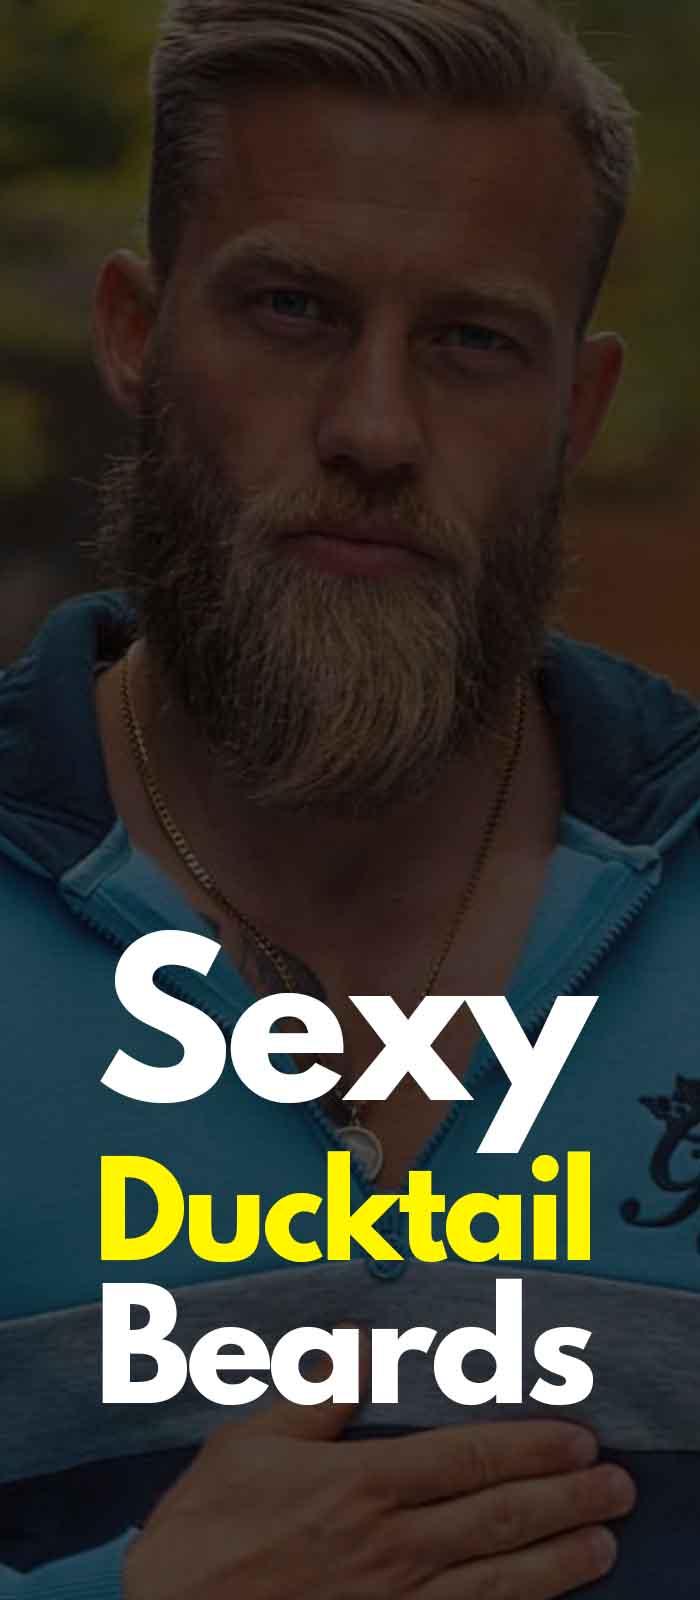 Blue Zipper Matured yet Sexy Ducktail Beard!